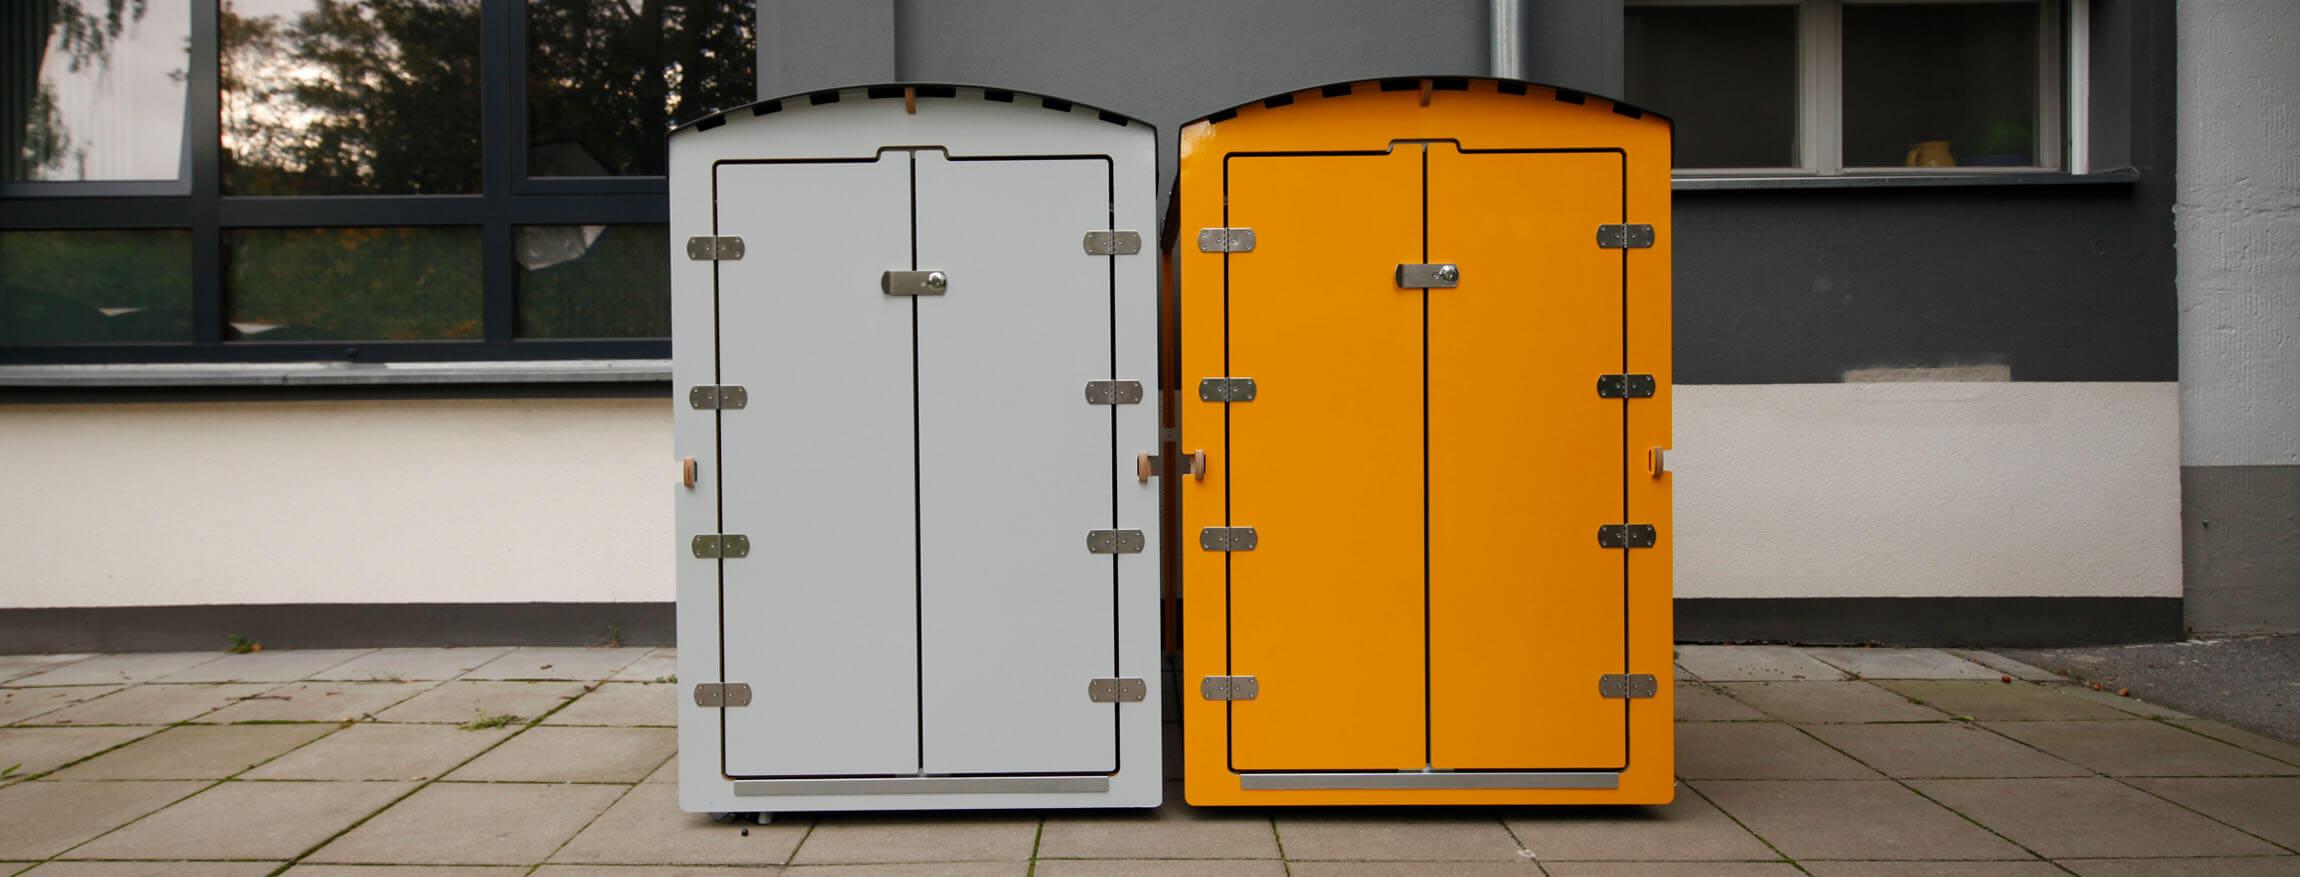 Zwei Kinderwagenboxen nebeneinander